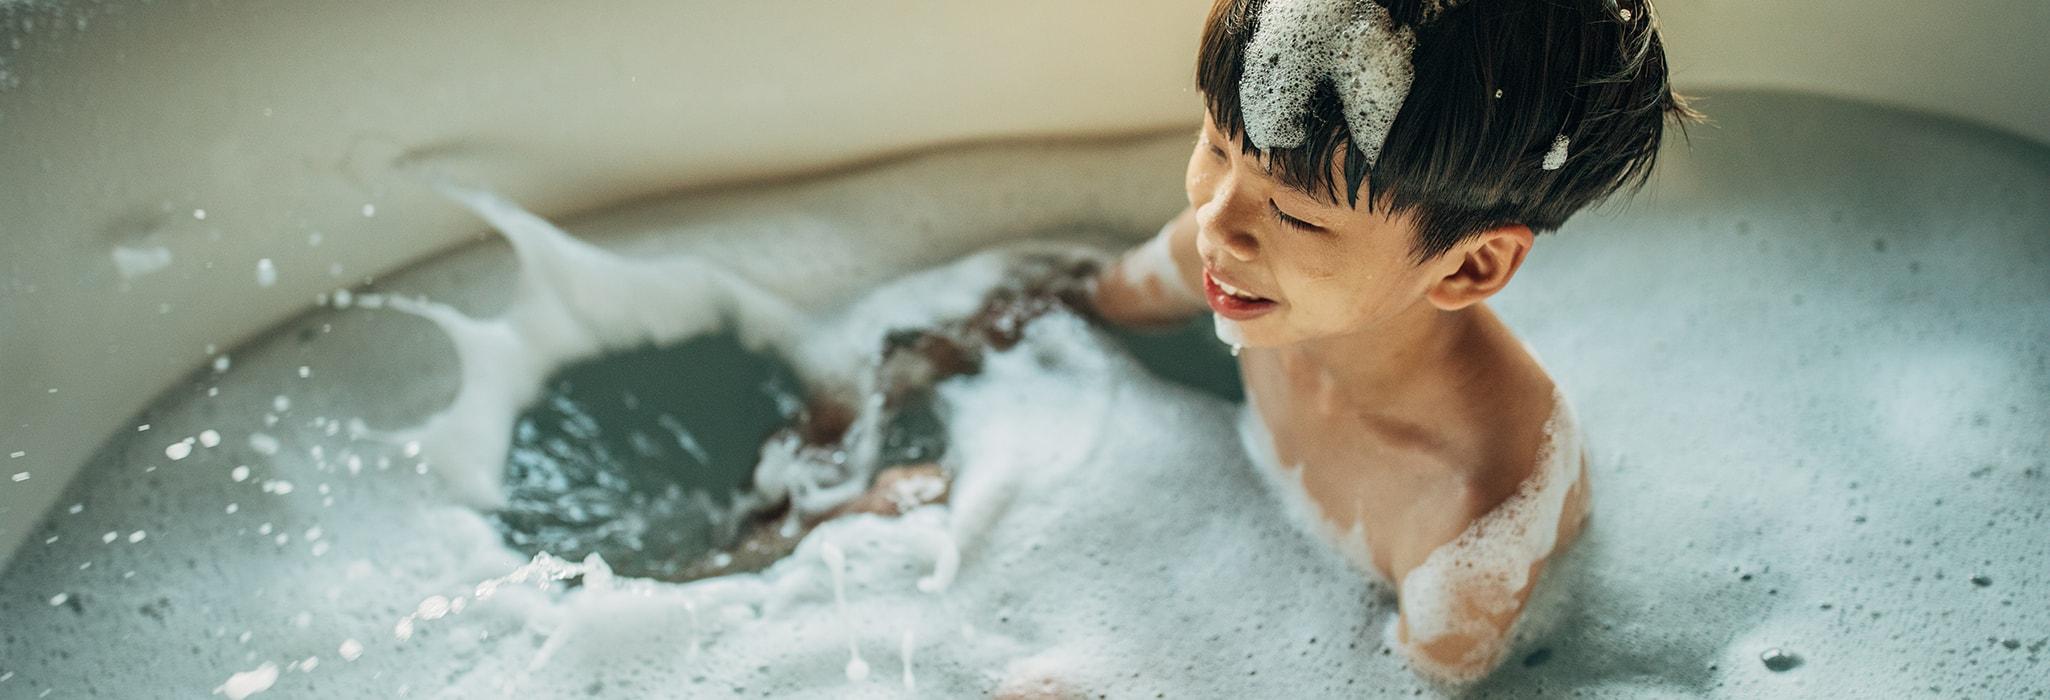 Boy is taking a bath in bathtub